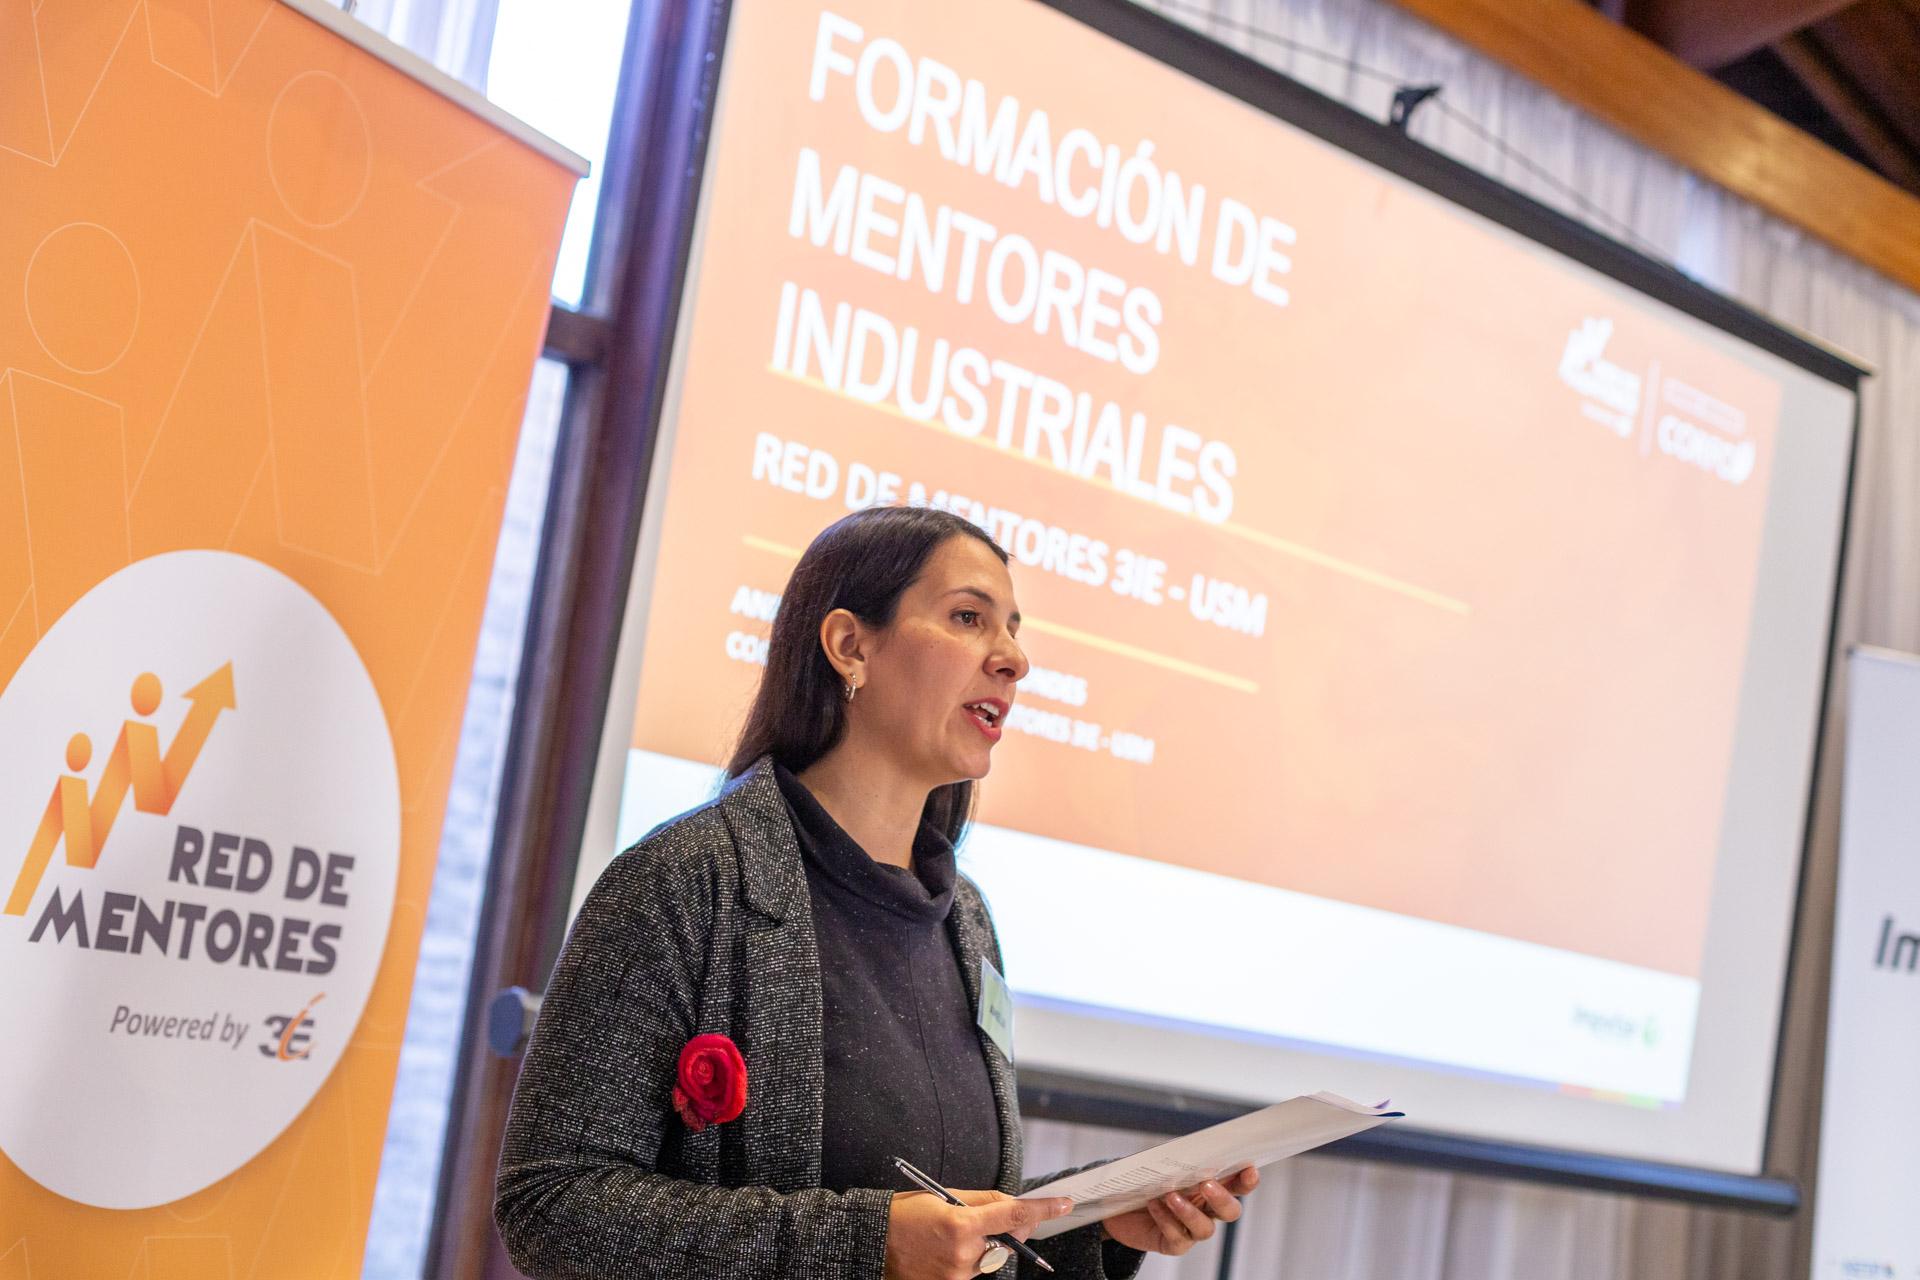 Formación para Mentores Industriales (20.06.19)